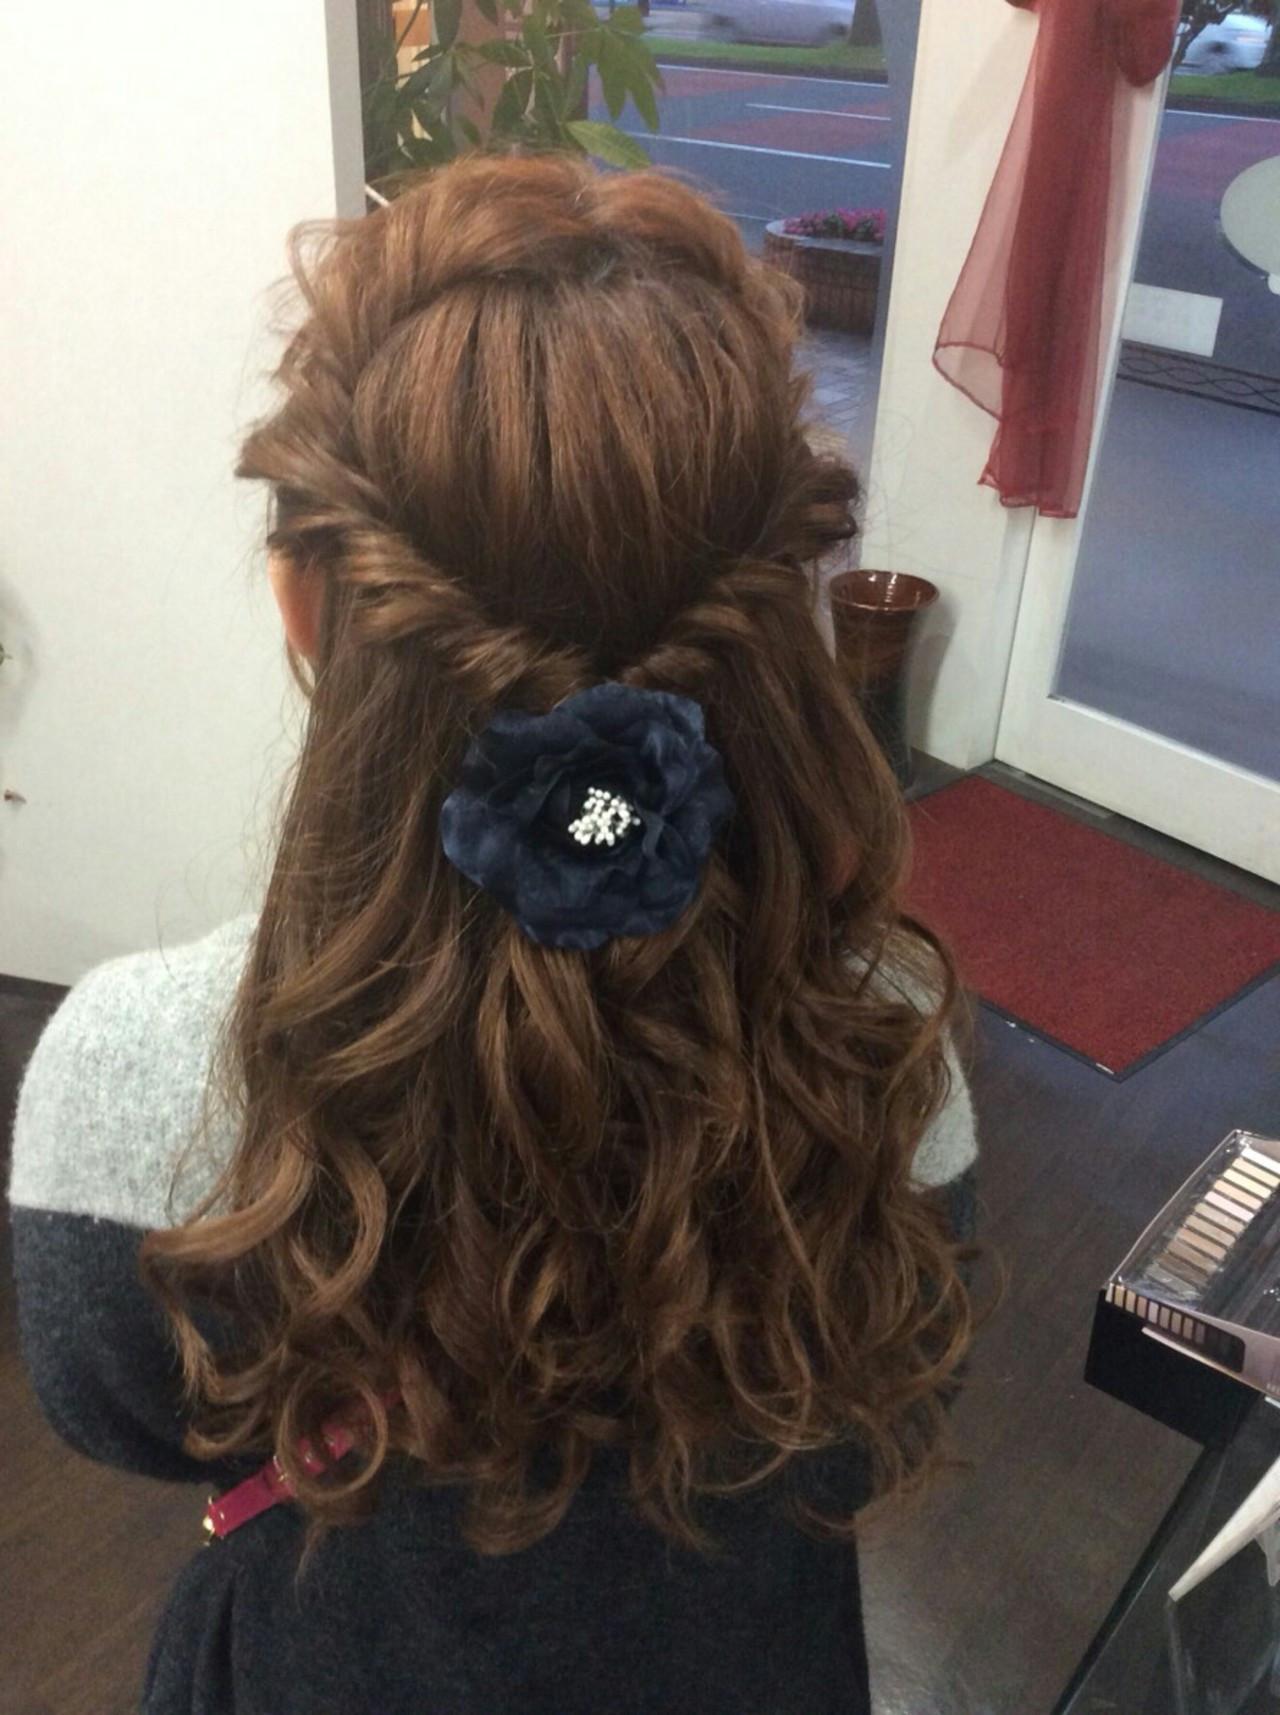 ヘアアレンジ ナチュラル ロープ編みアレンジヘア ロング ヘアスタイルや髪型の写真・画像